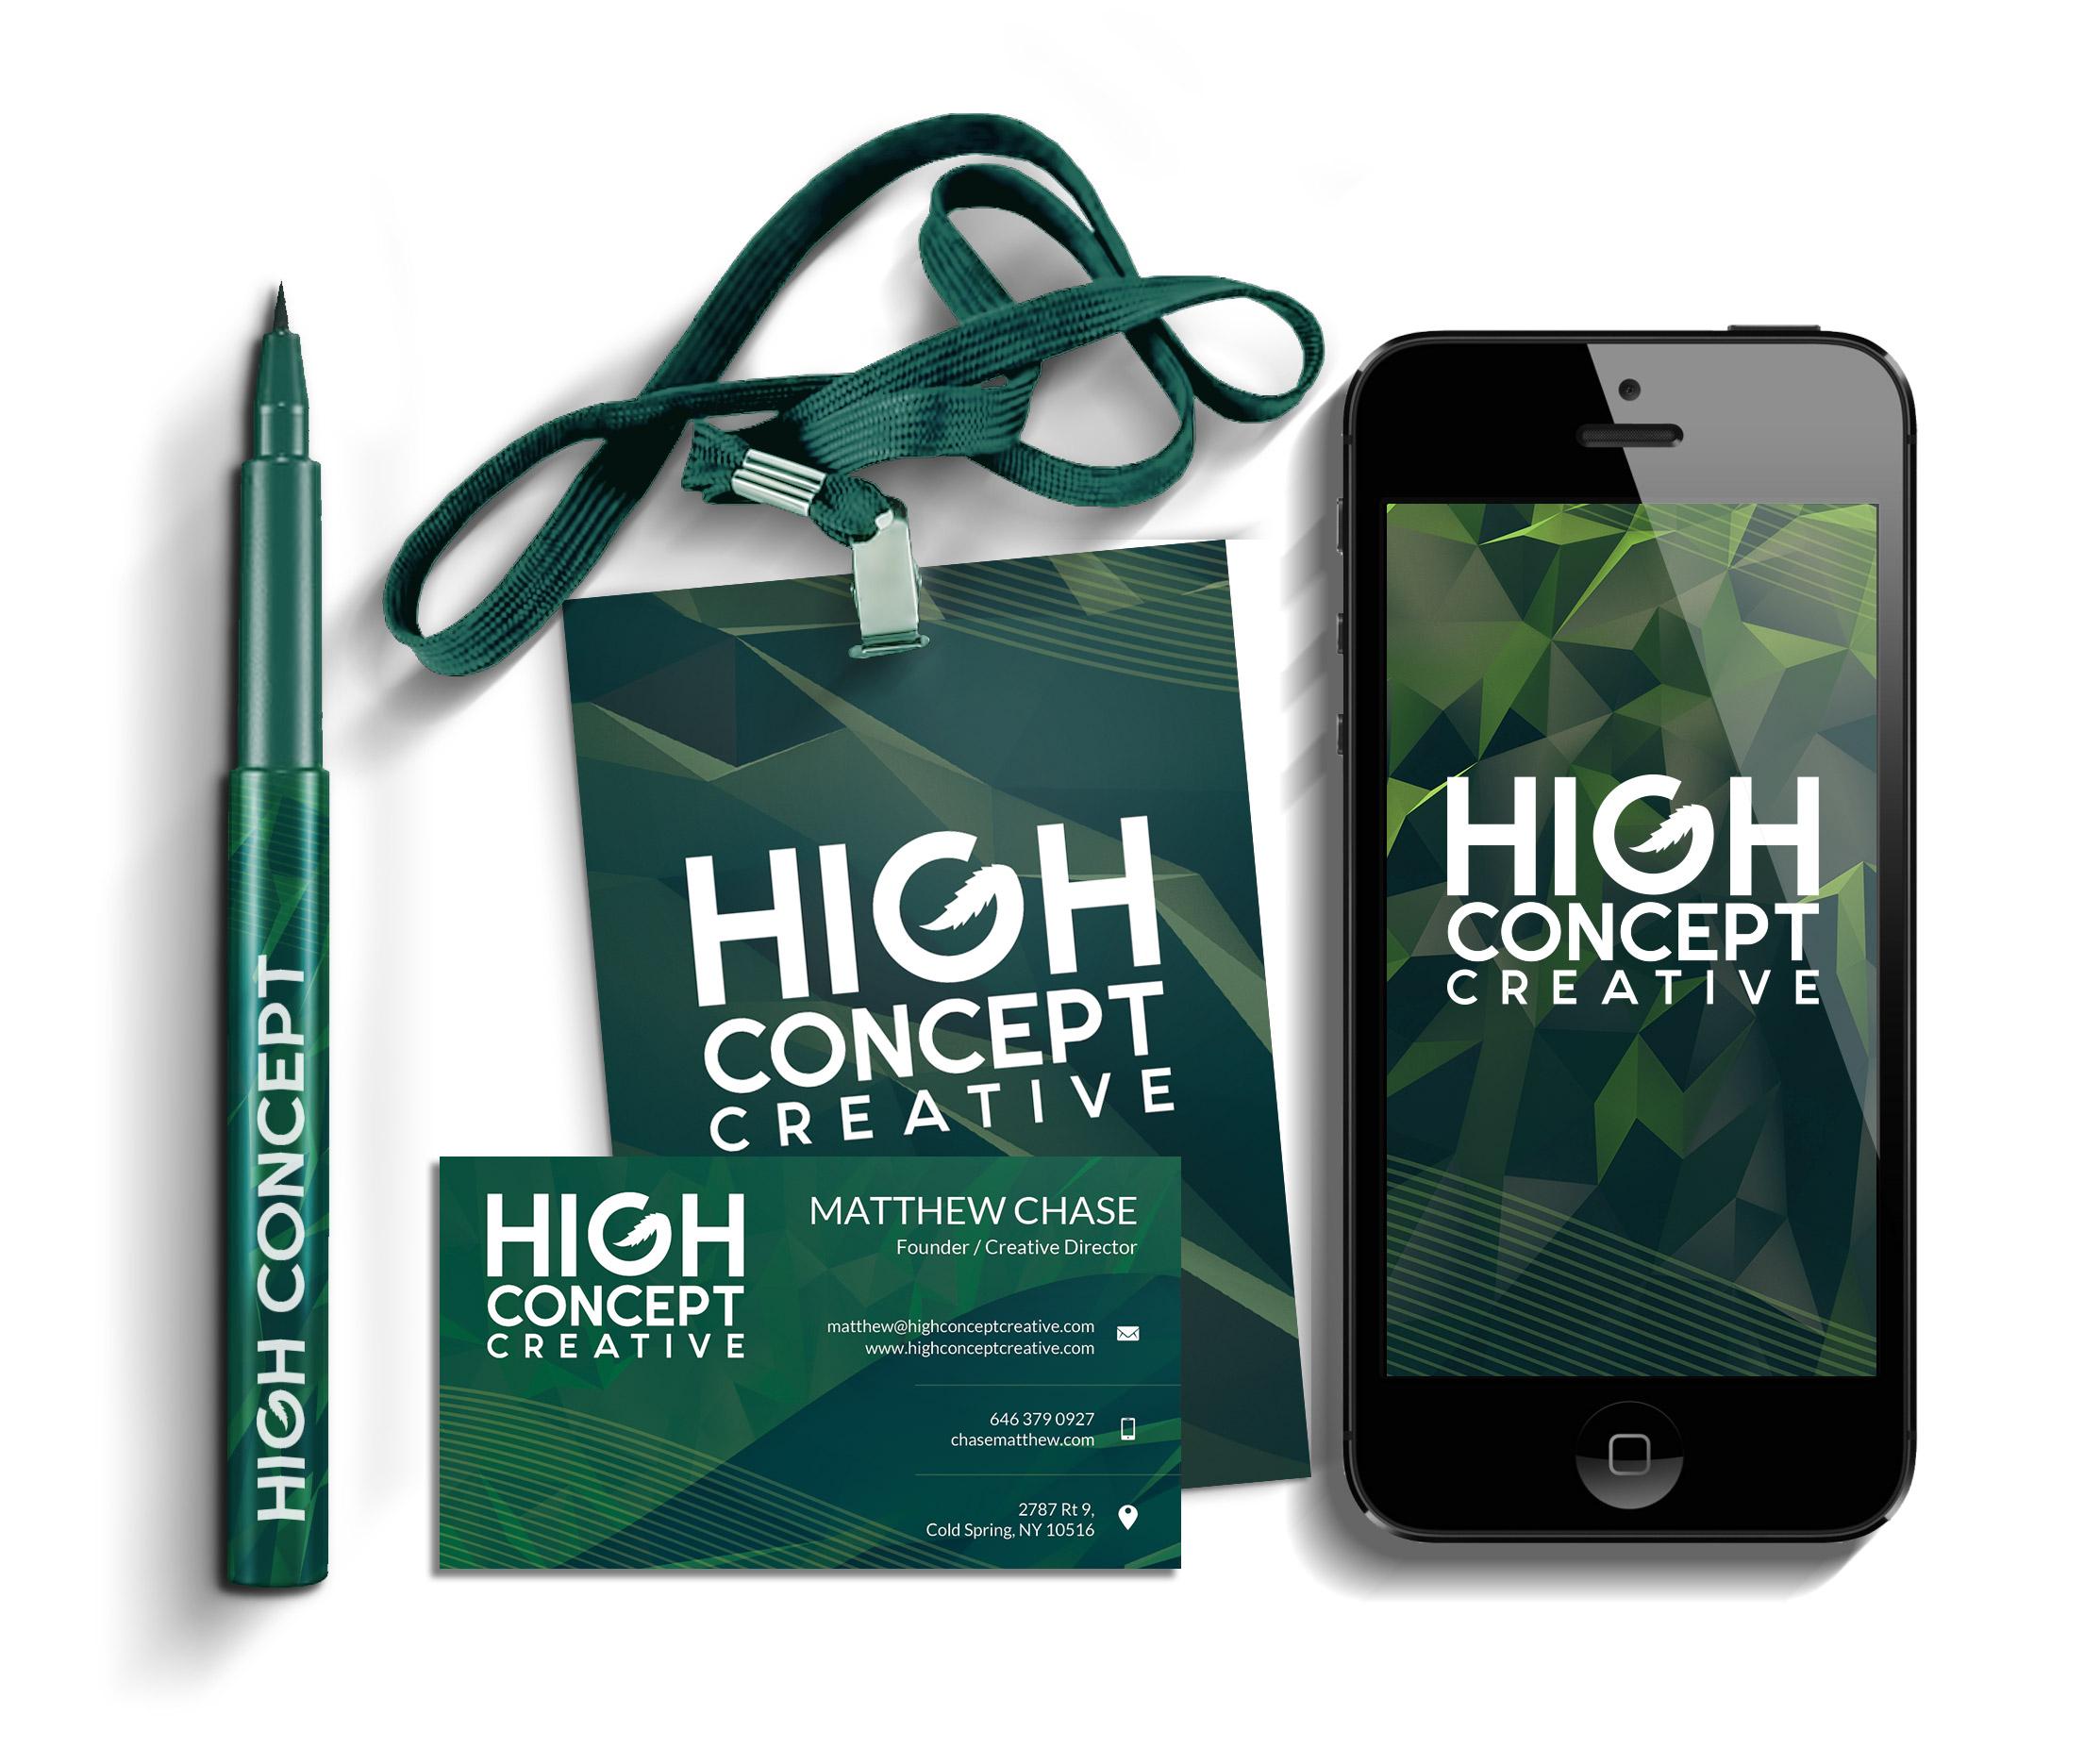 High Concept Creative